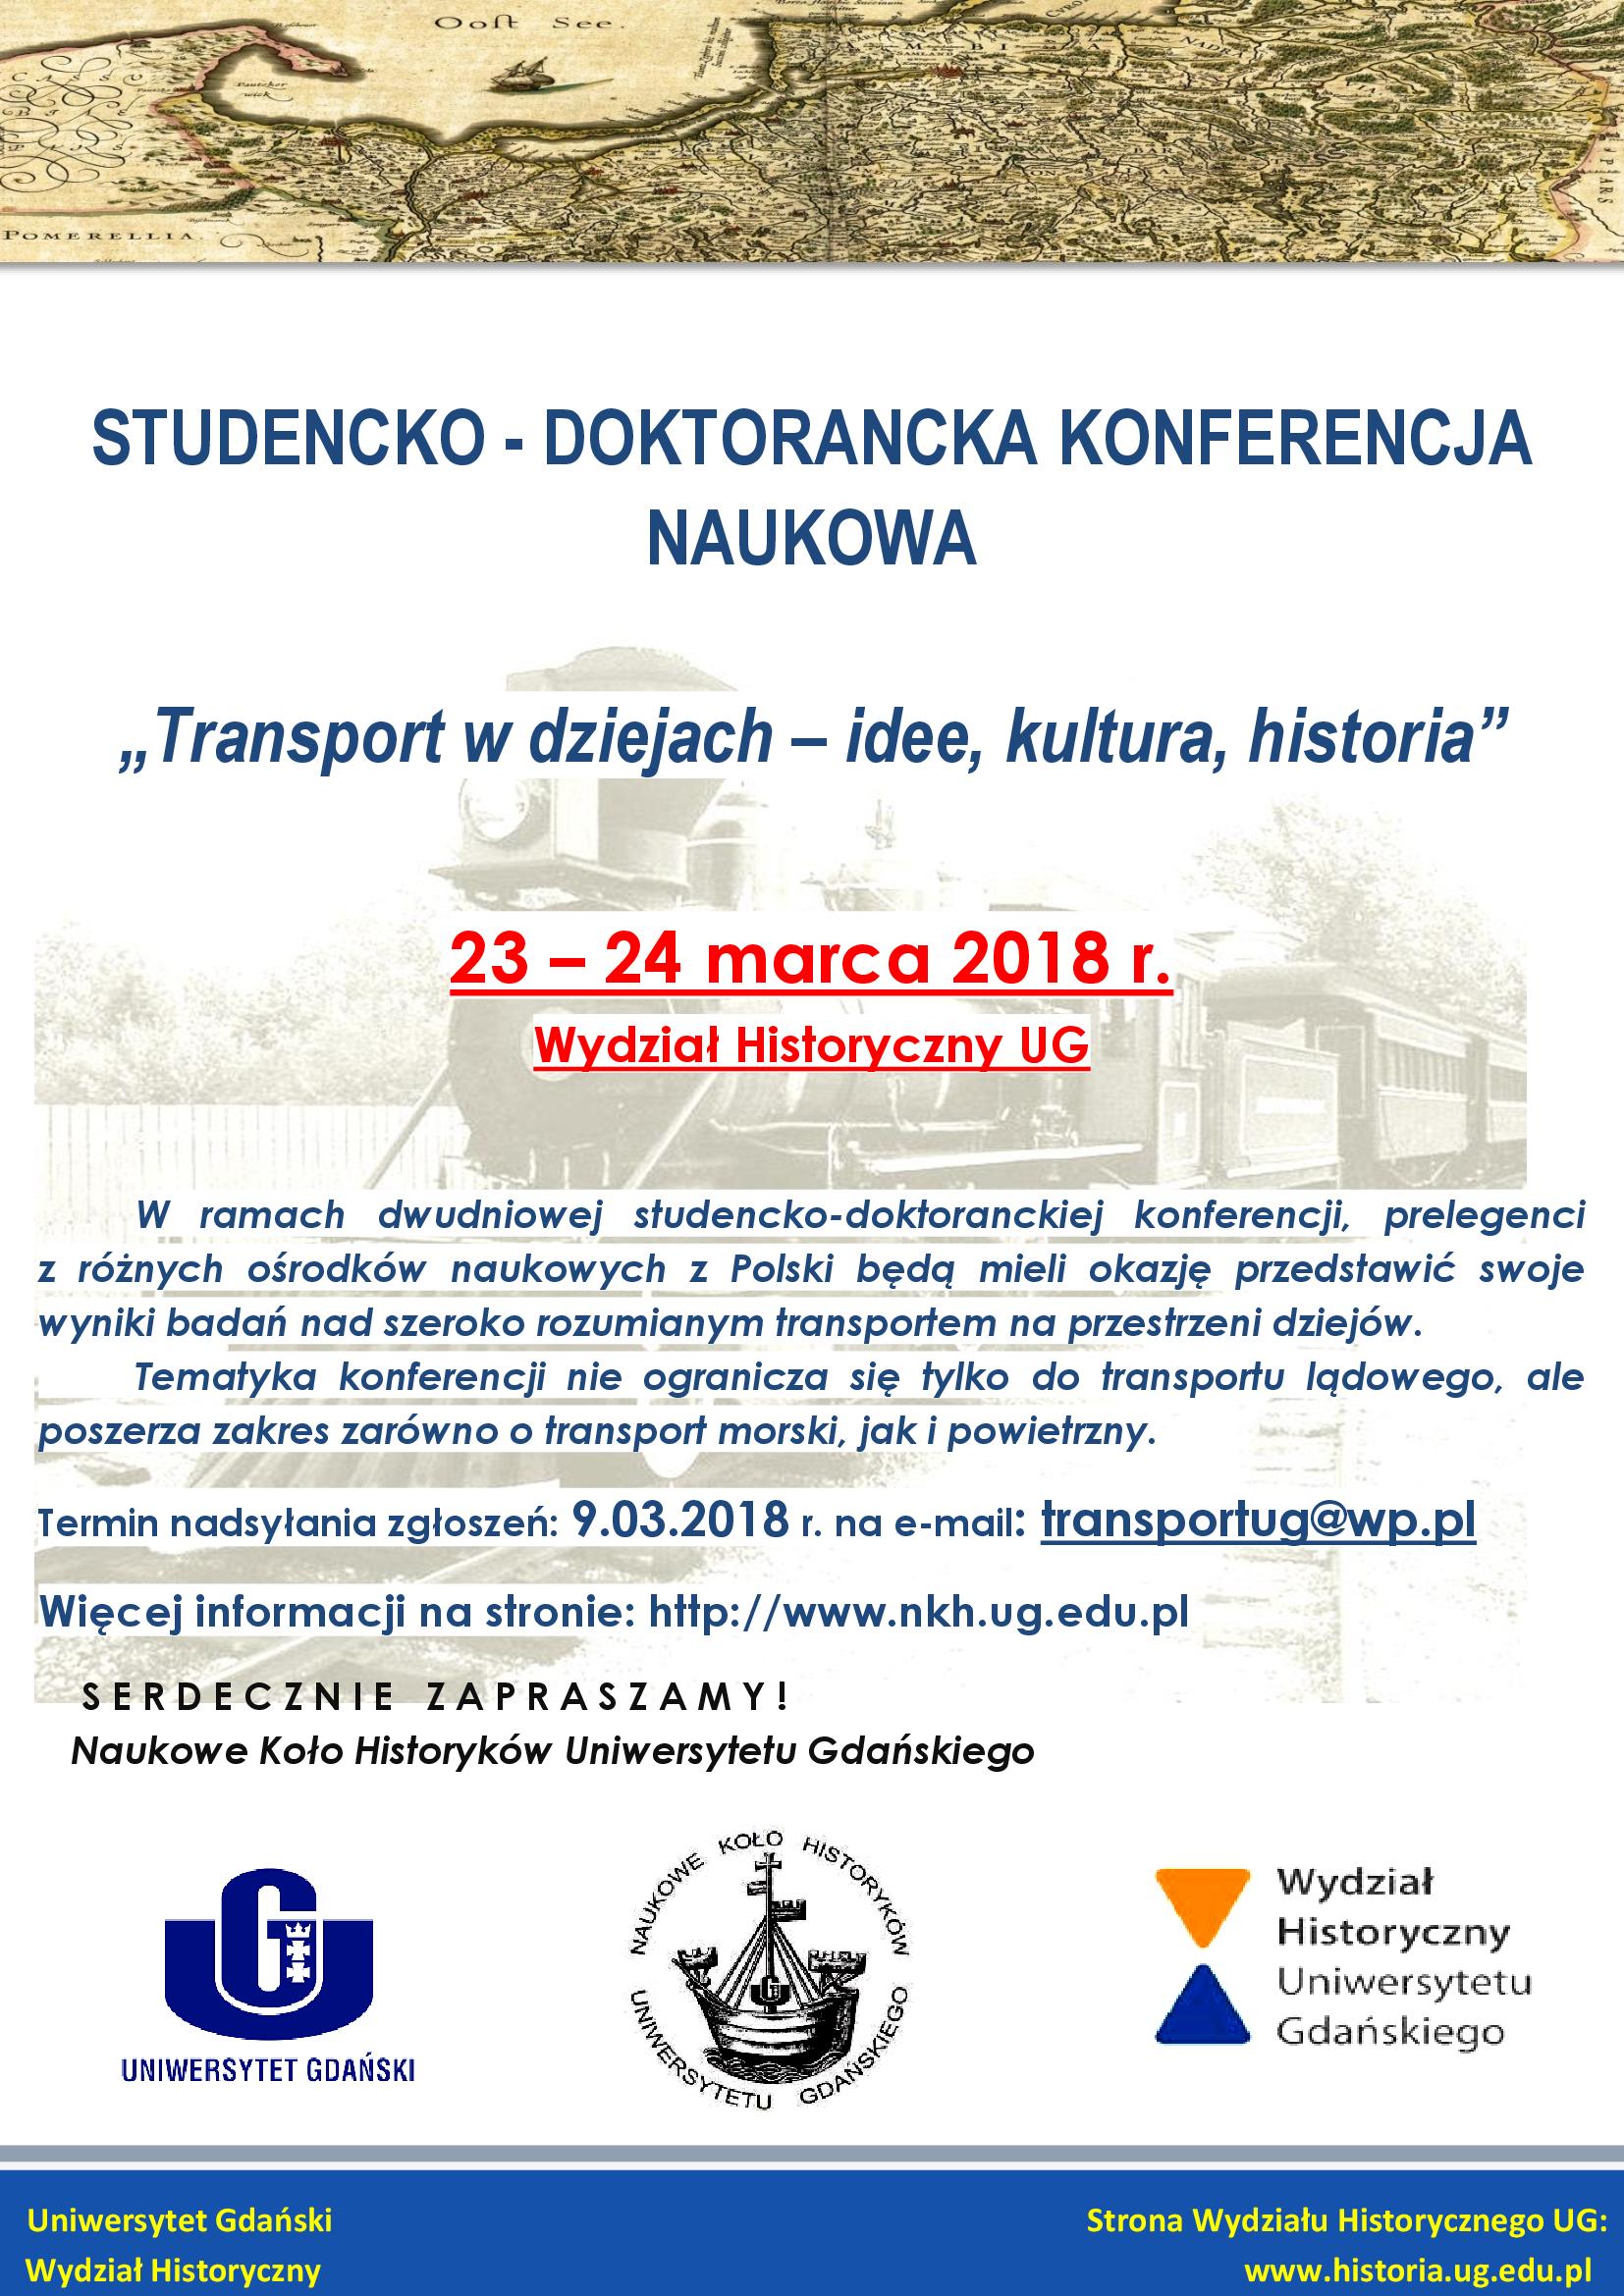 Konferencja Transport W Dziejach Idee Kultura Historia